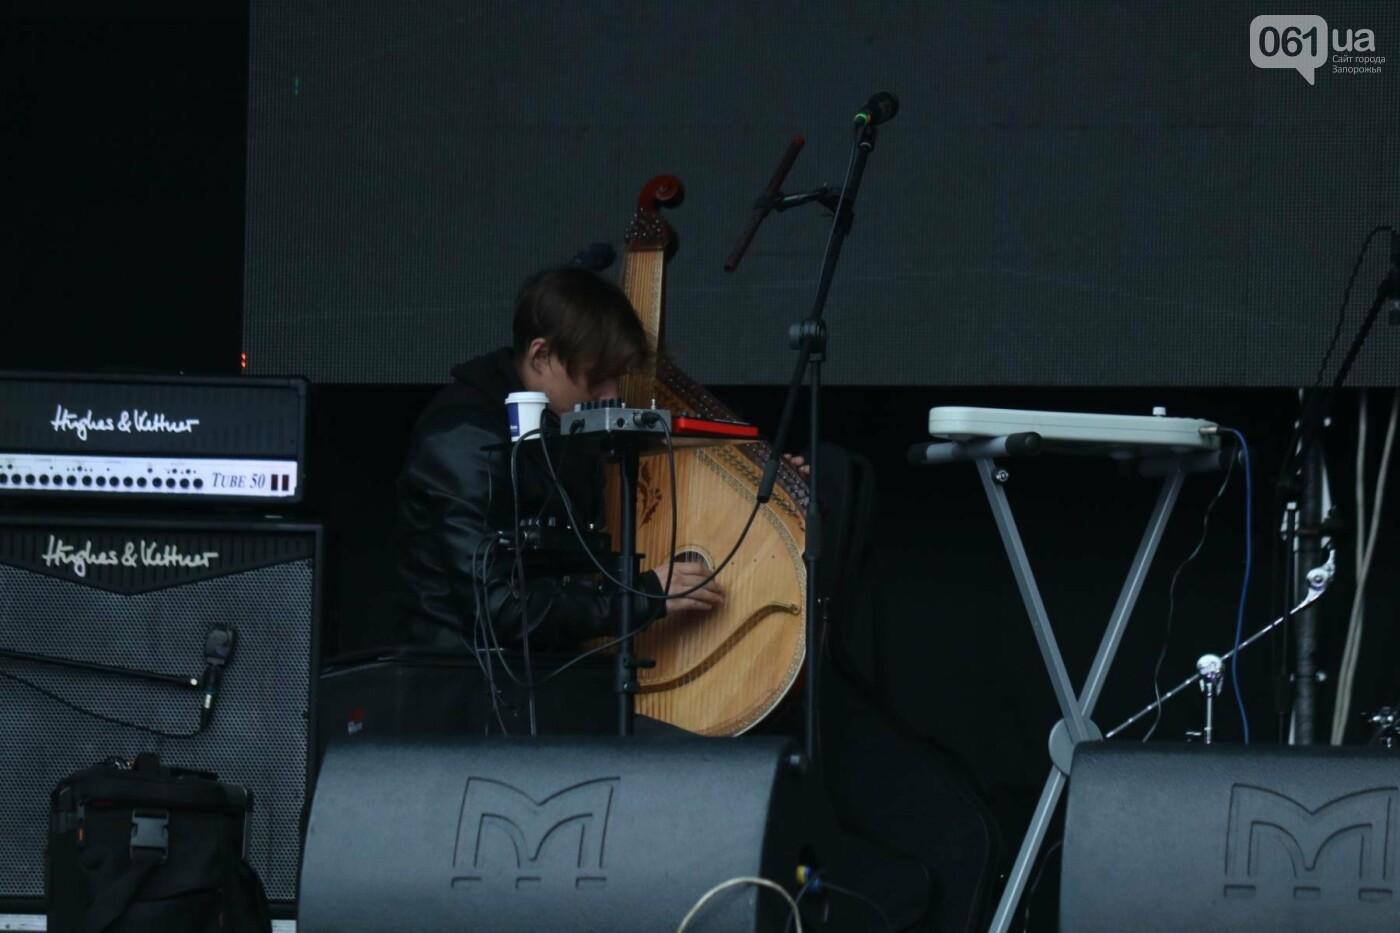 В парке Трудовой славы Onuka провела саундчек перед вечерним концертом, - ФОТО , фото-3